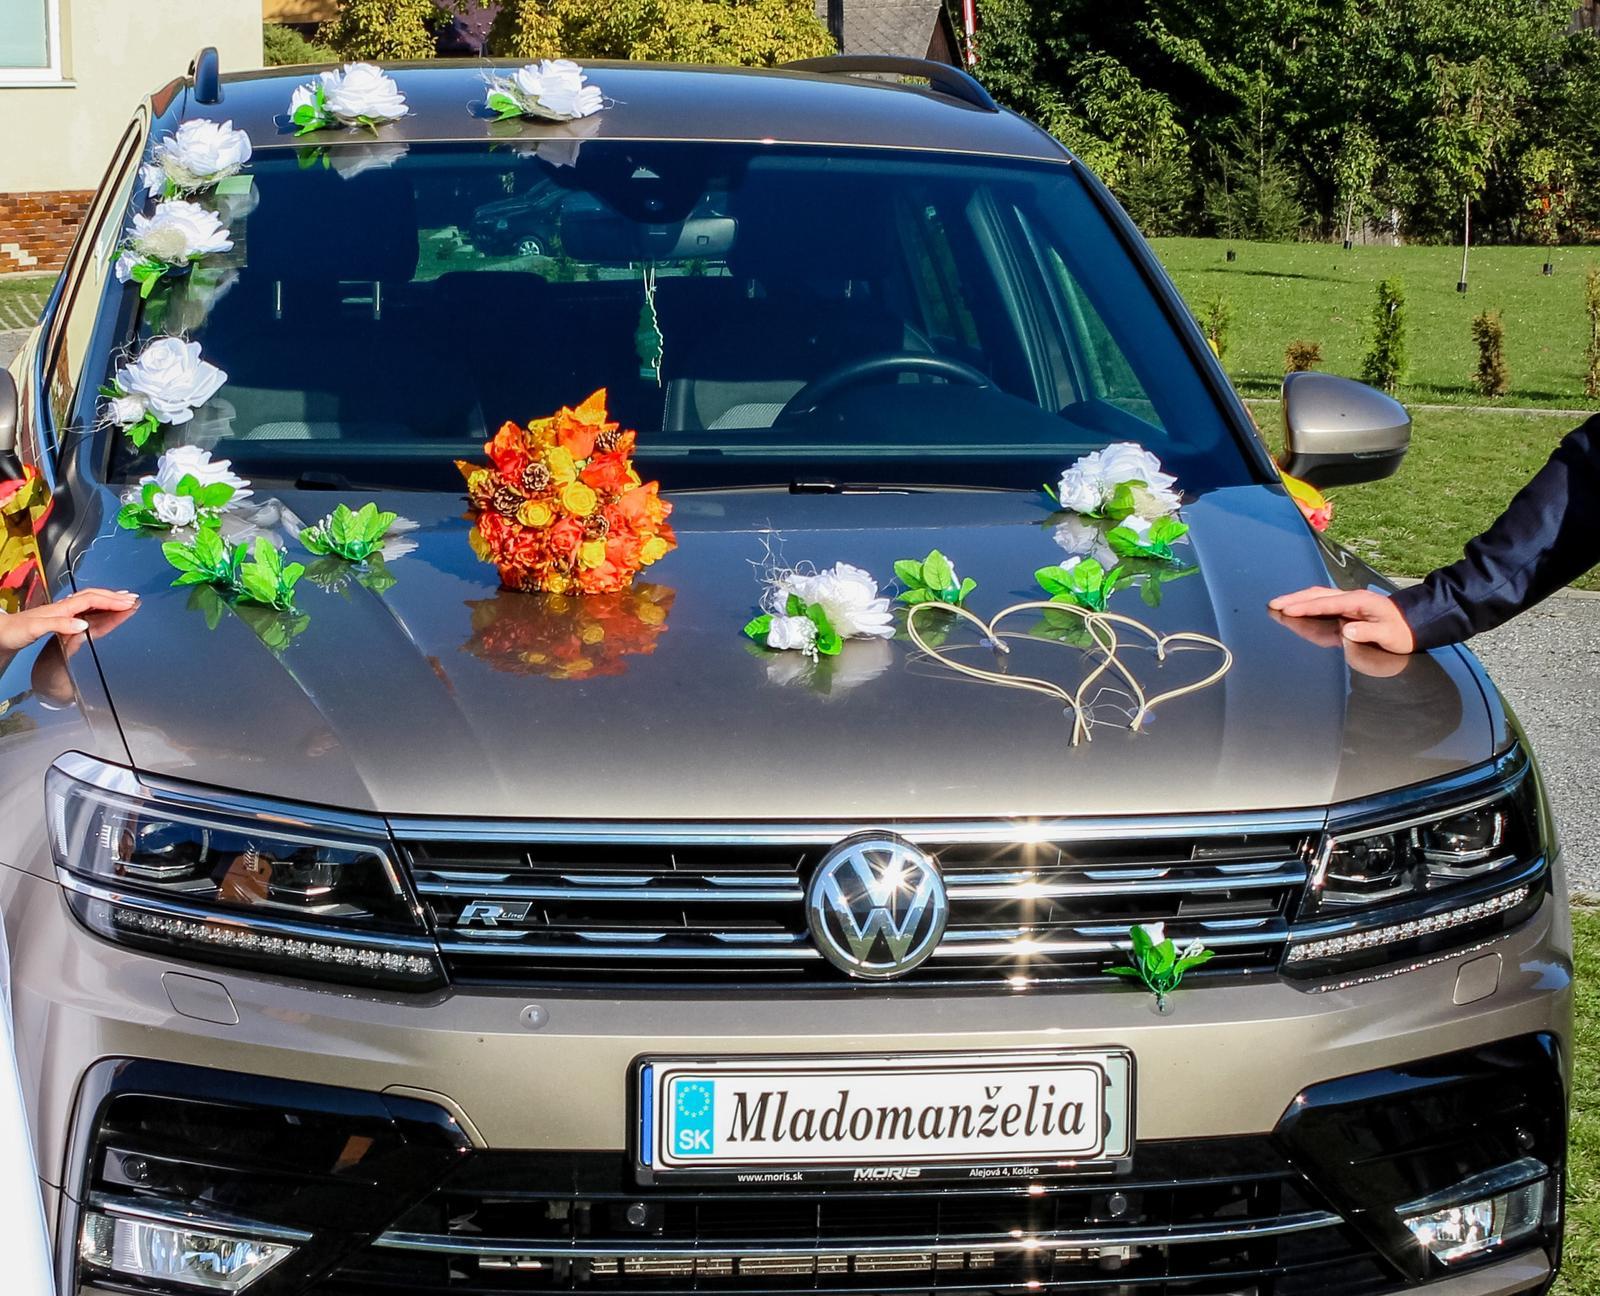 Svadobná výzdoba na auto - Obrázok č. 1